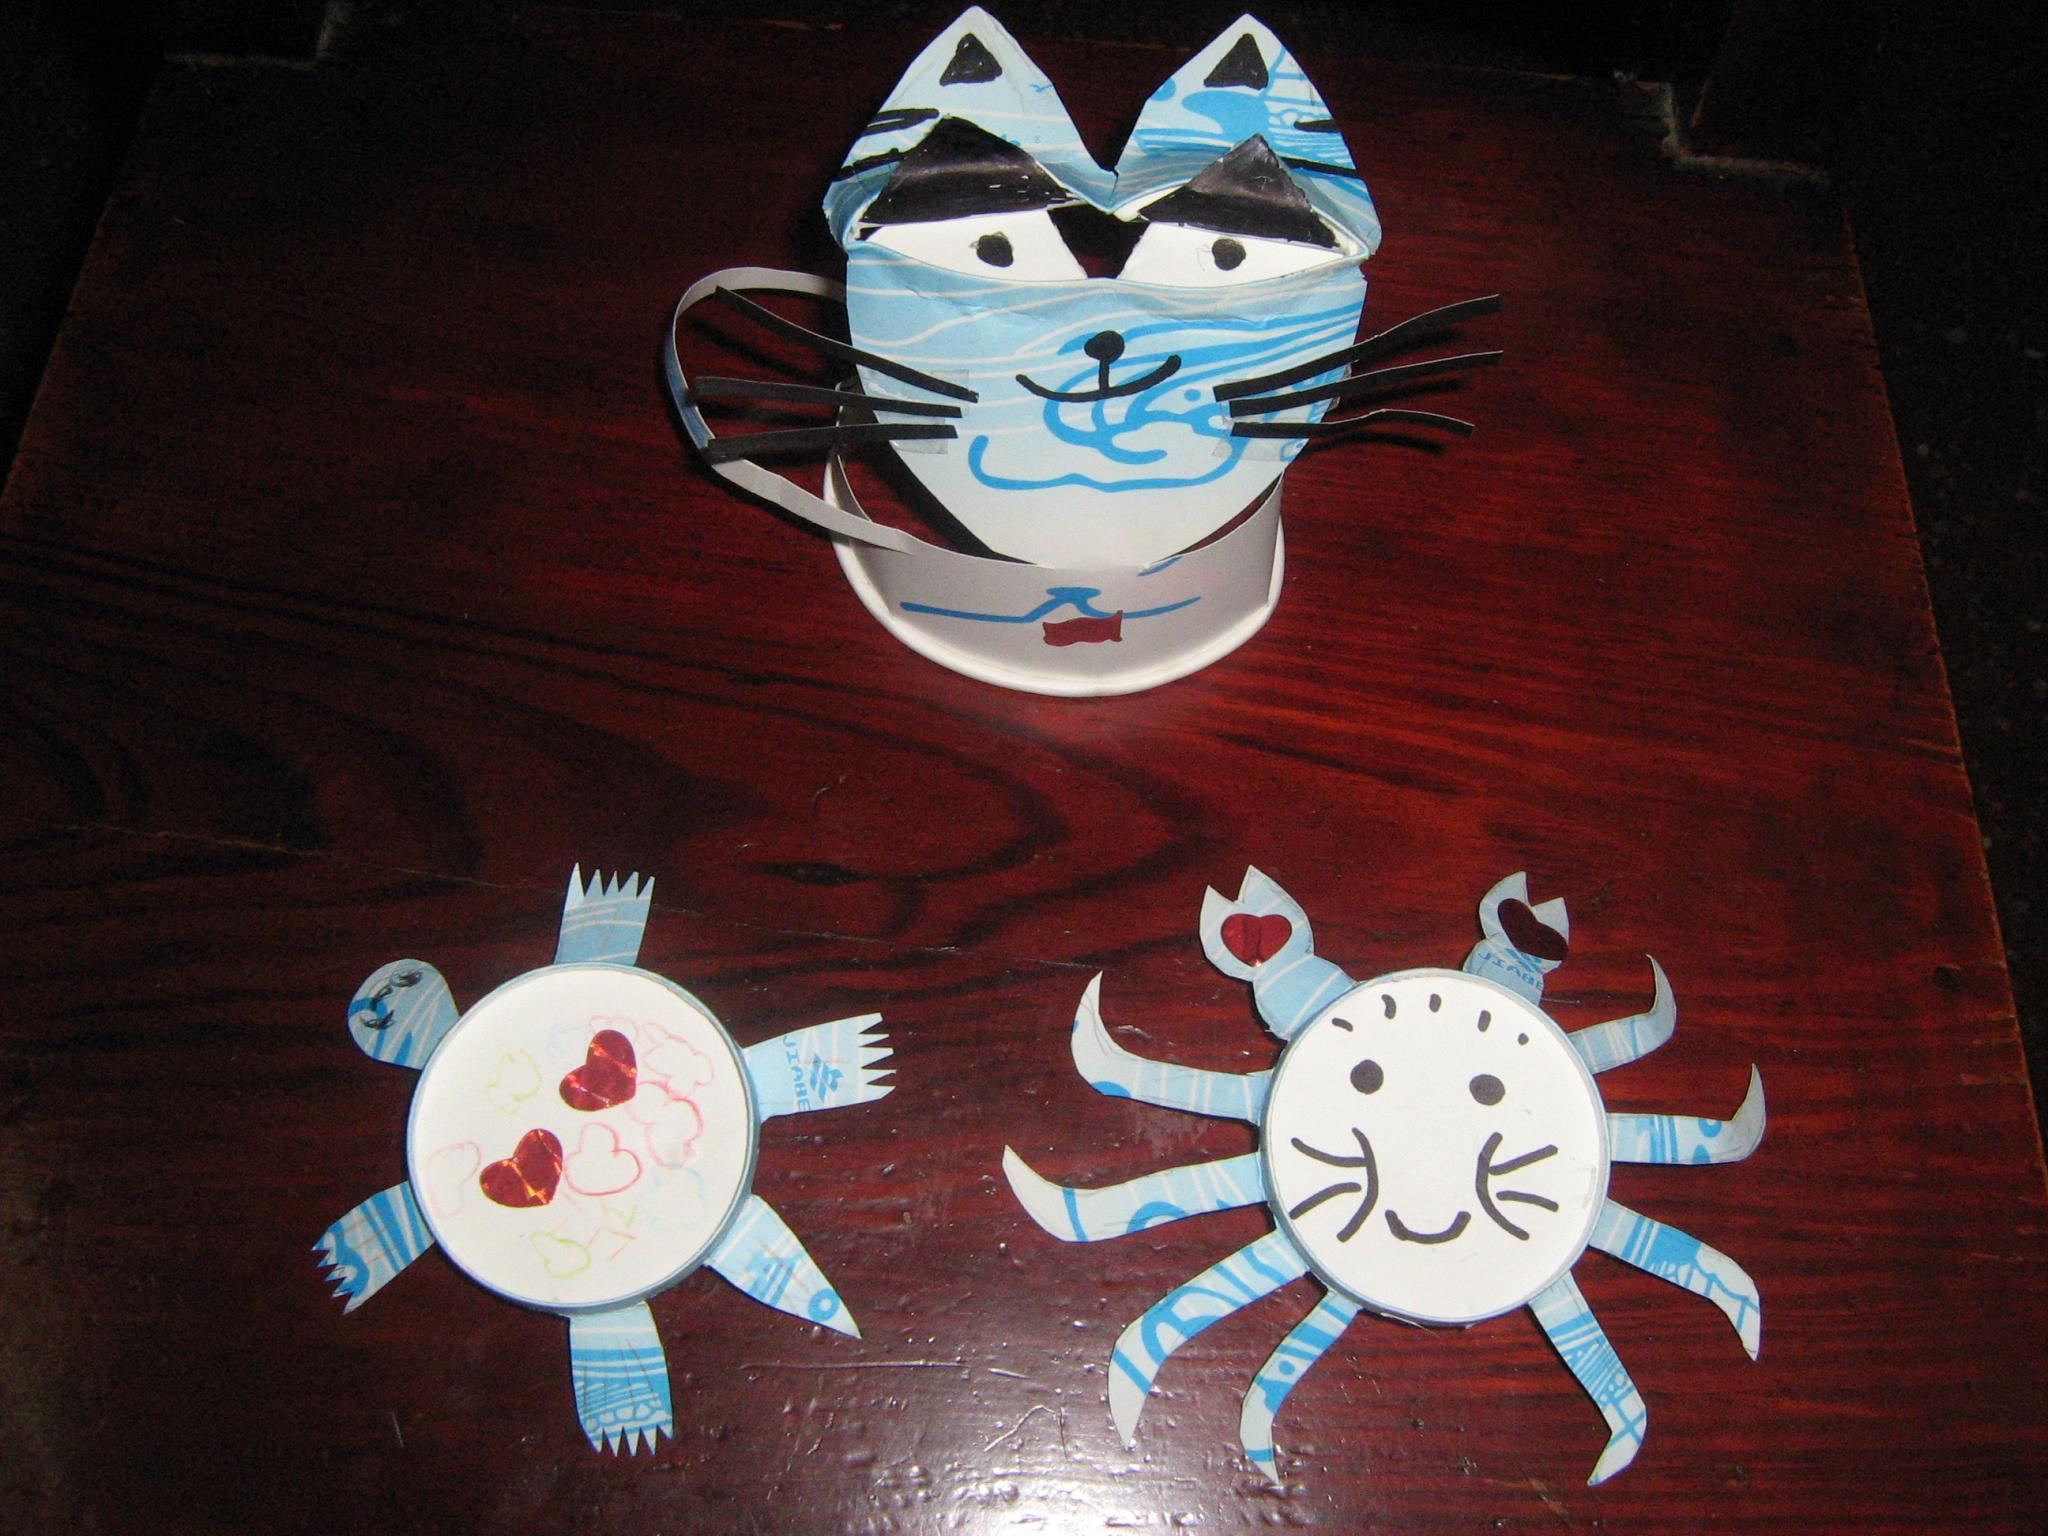 【快乐的纸杯世界】我喜欢的爱心螃蟹,爱心乌龟等